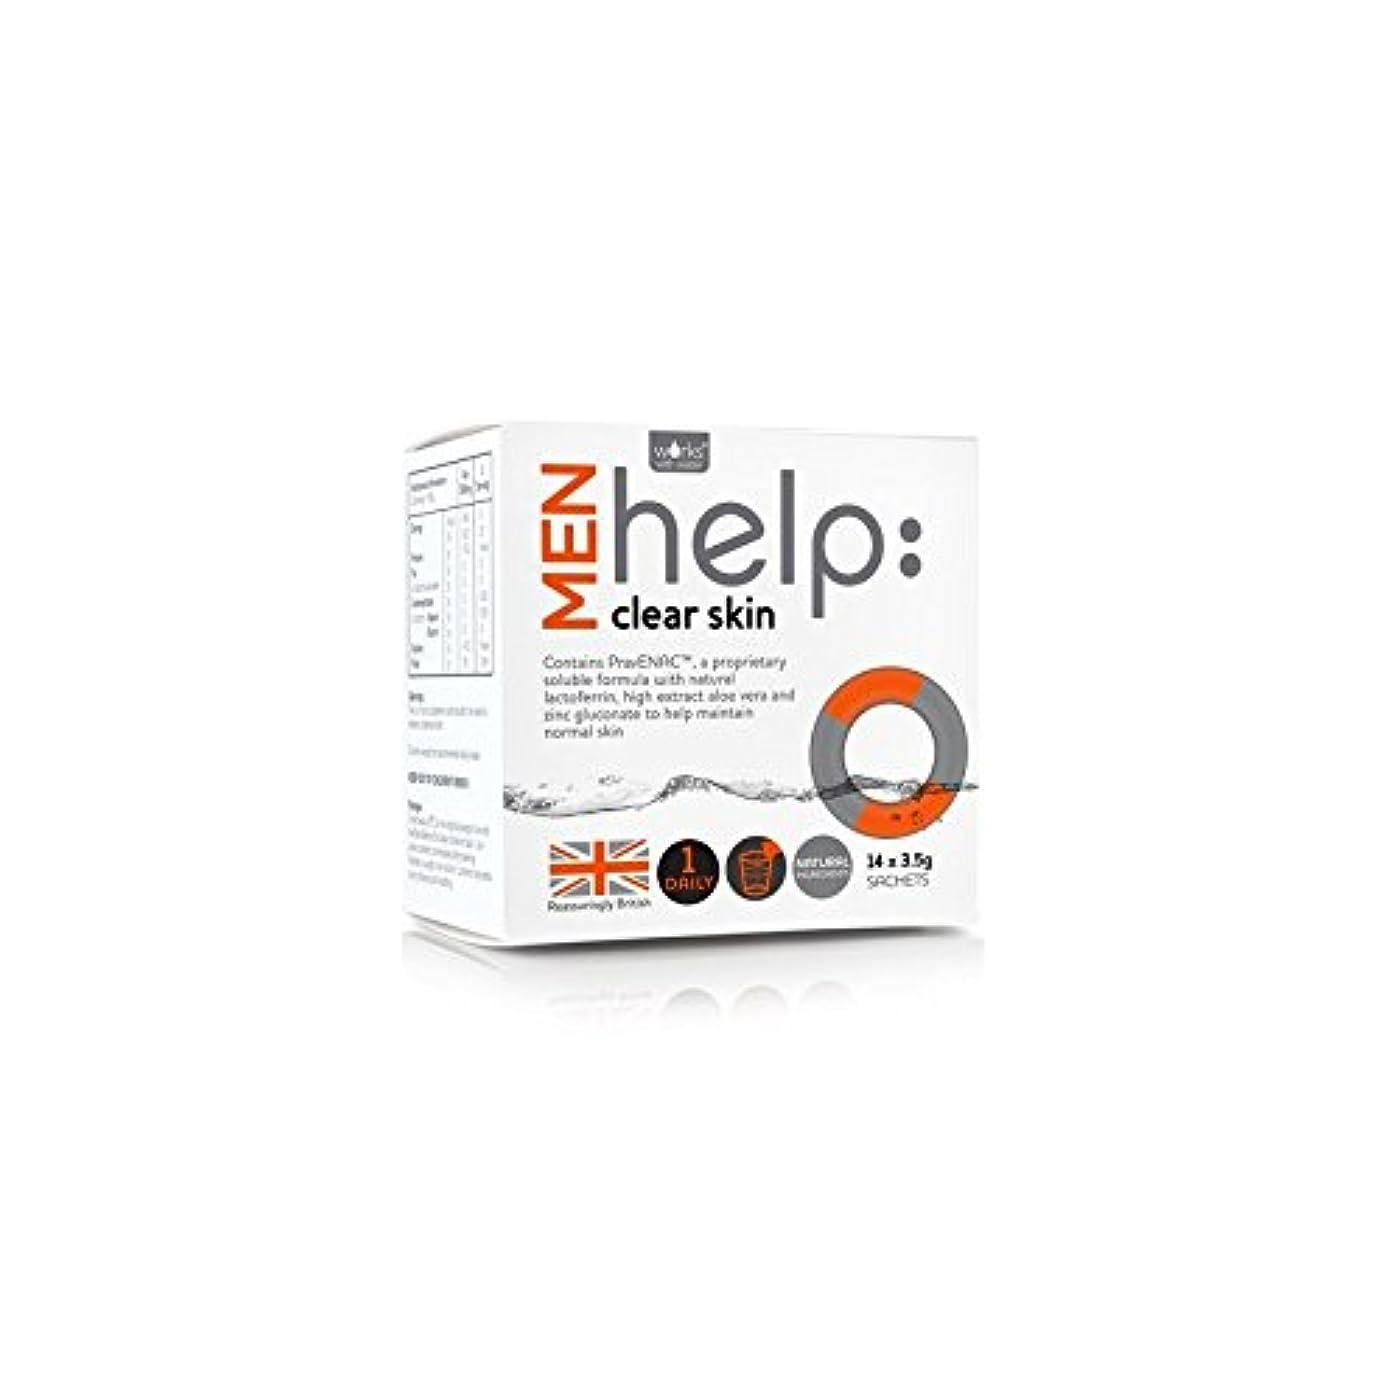 ぺディカブ滑り台ビルクリアな肌可溶性サプリメント(14 3.5グラム):水男性の助けを借りて動作します x4 - Works With Water Men's Help: Clear Skin Soluble Supplement (14...